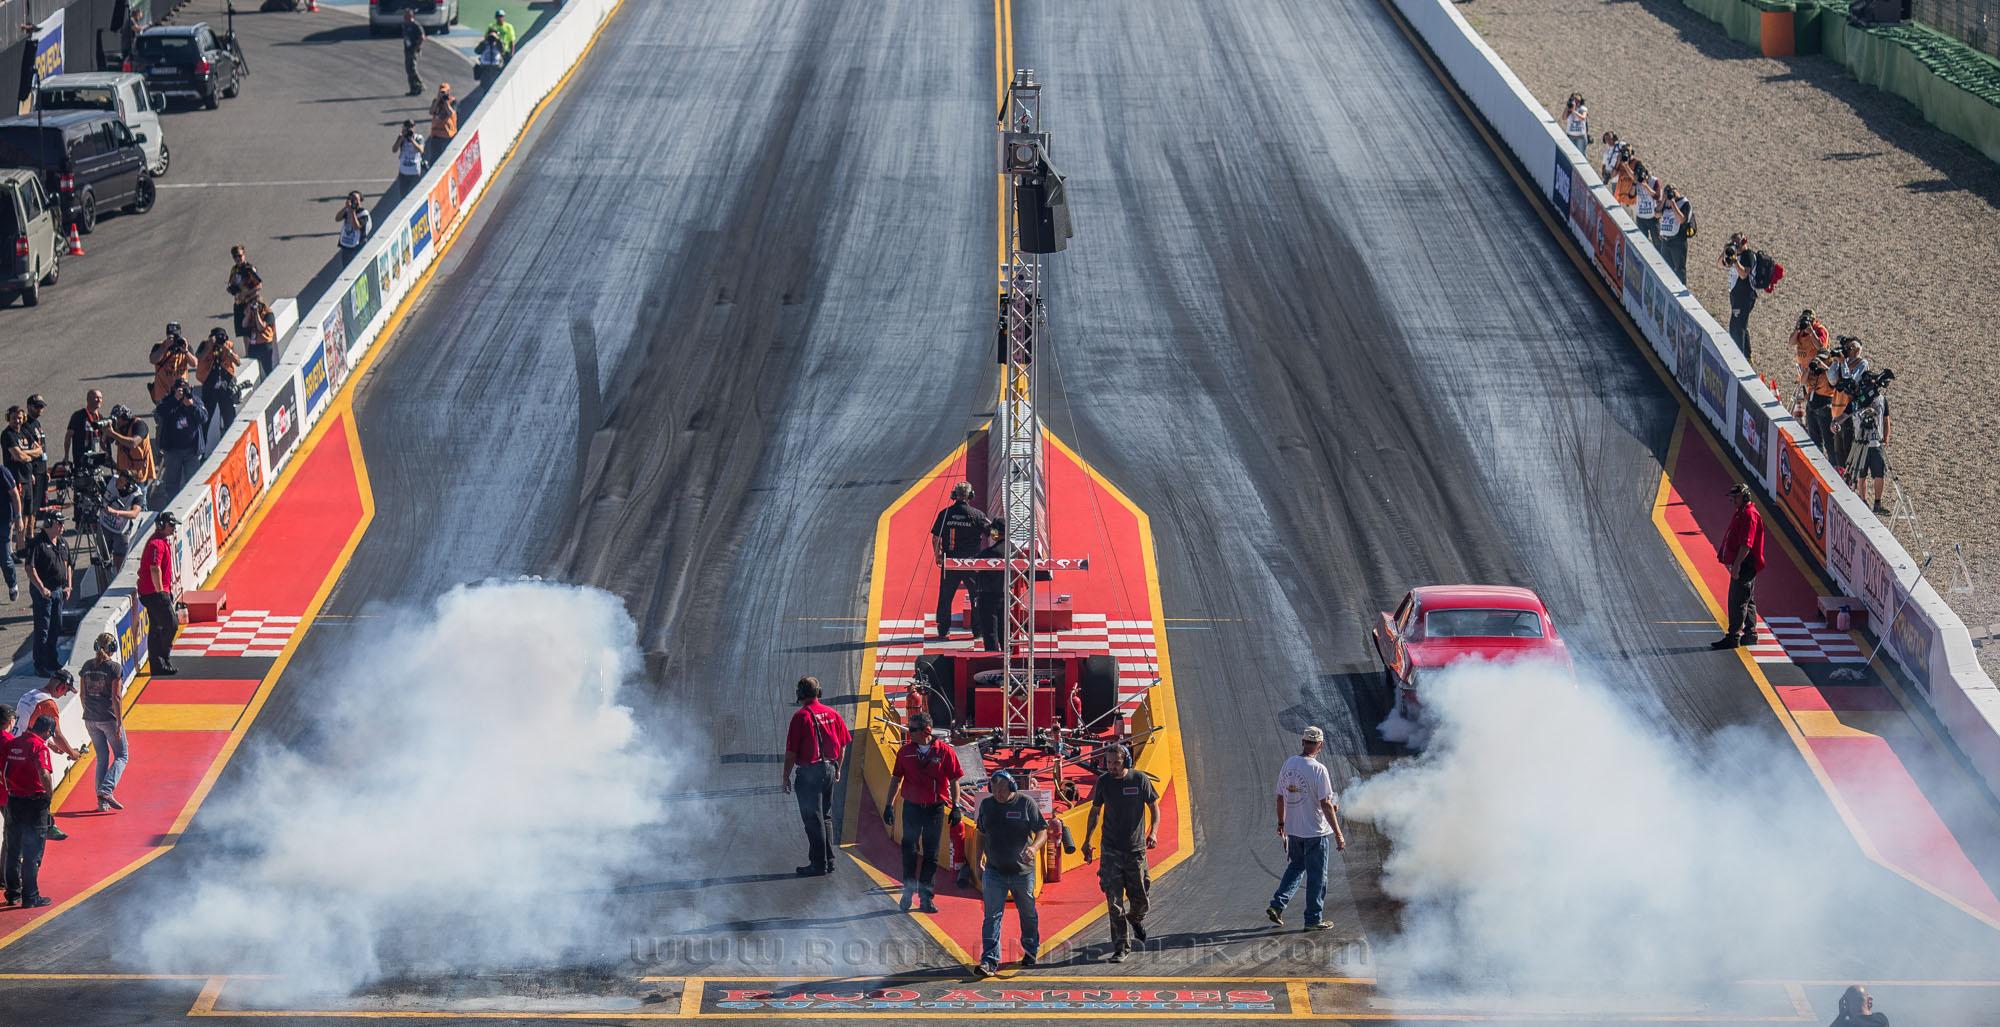 Drag_racing_Hockenheimring-34